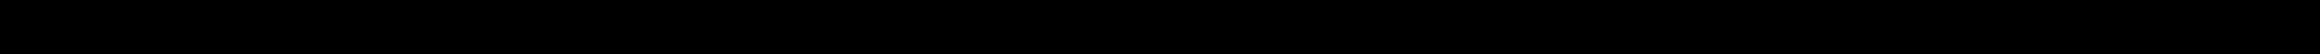 BOSCH 96 538 277, 96 538 277 Zástrčka, zapalovací systém